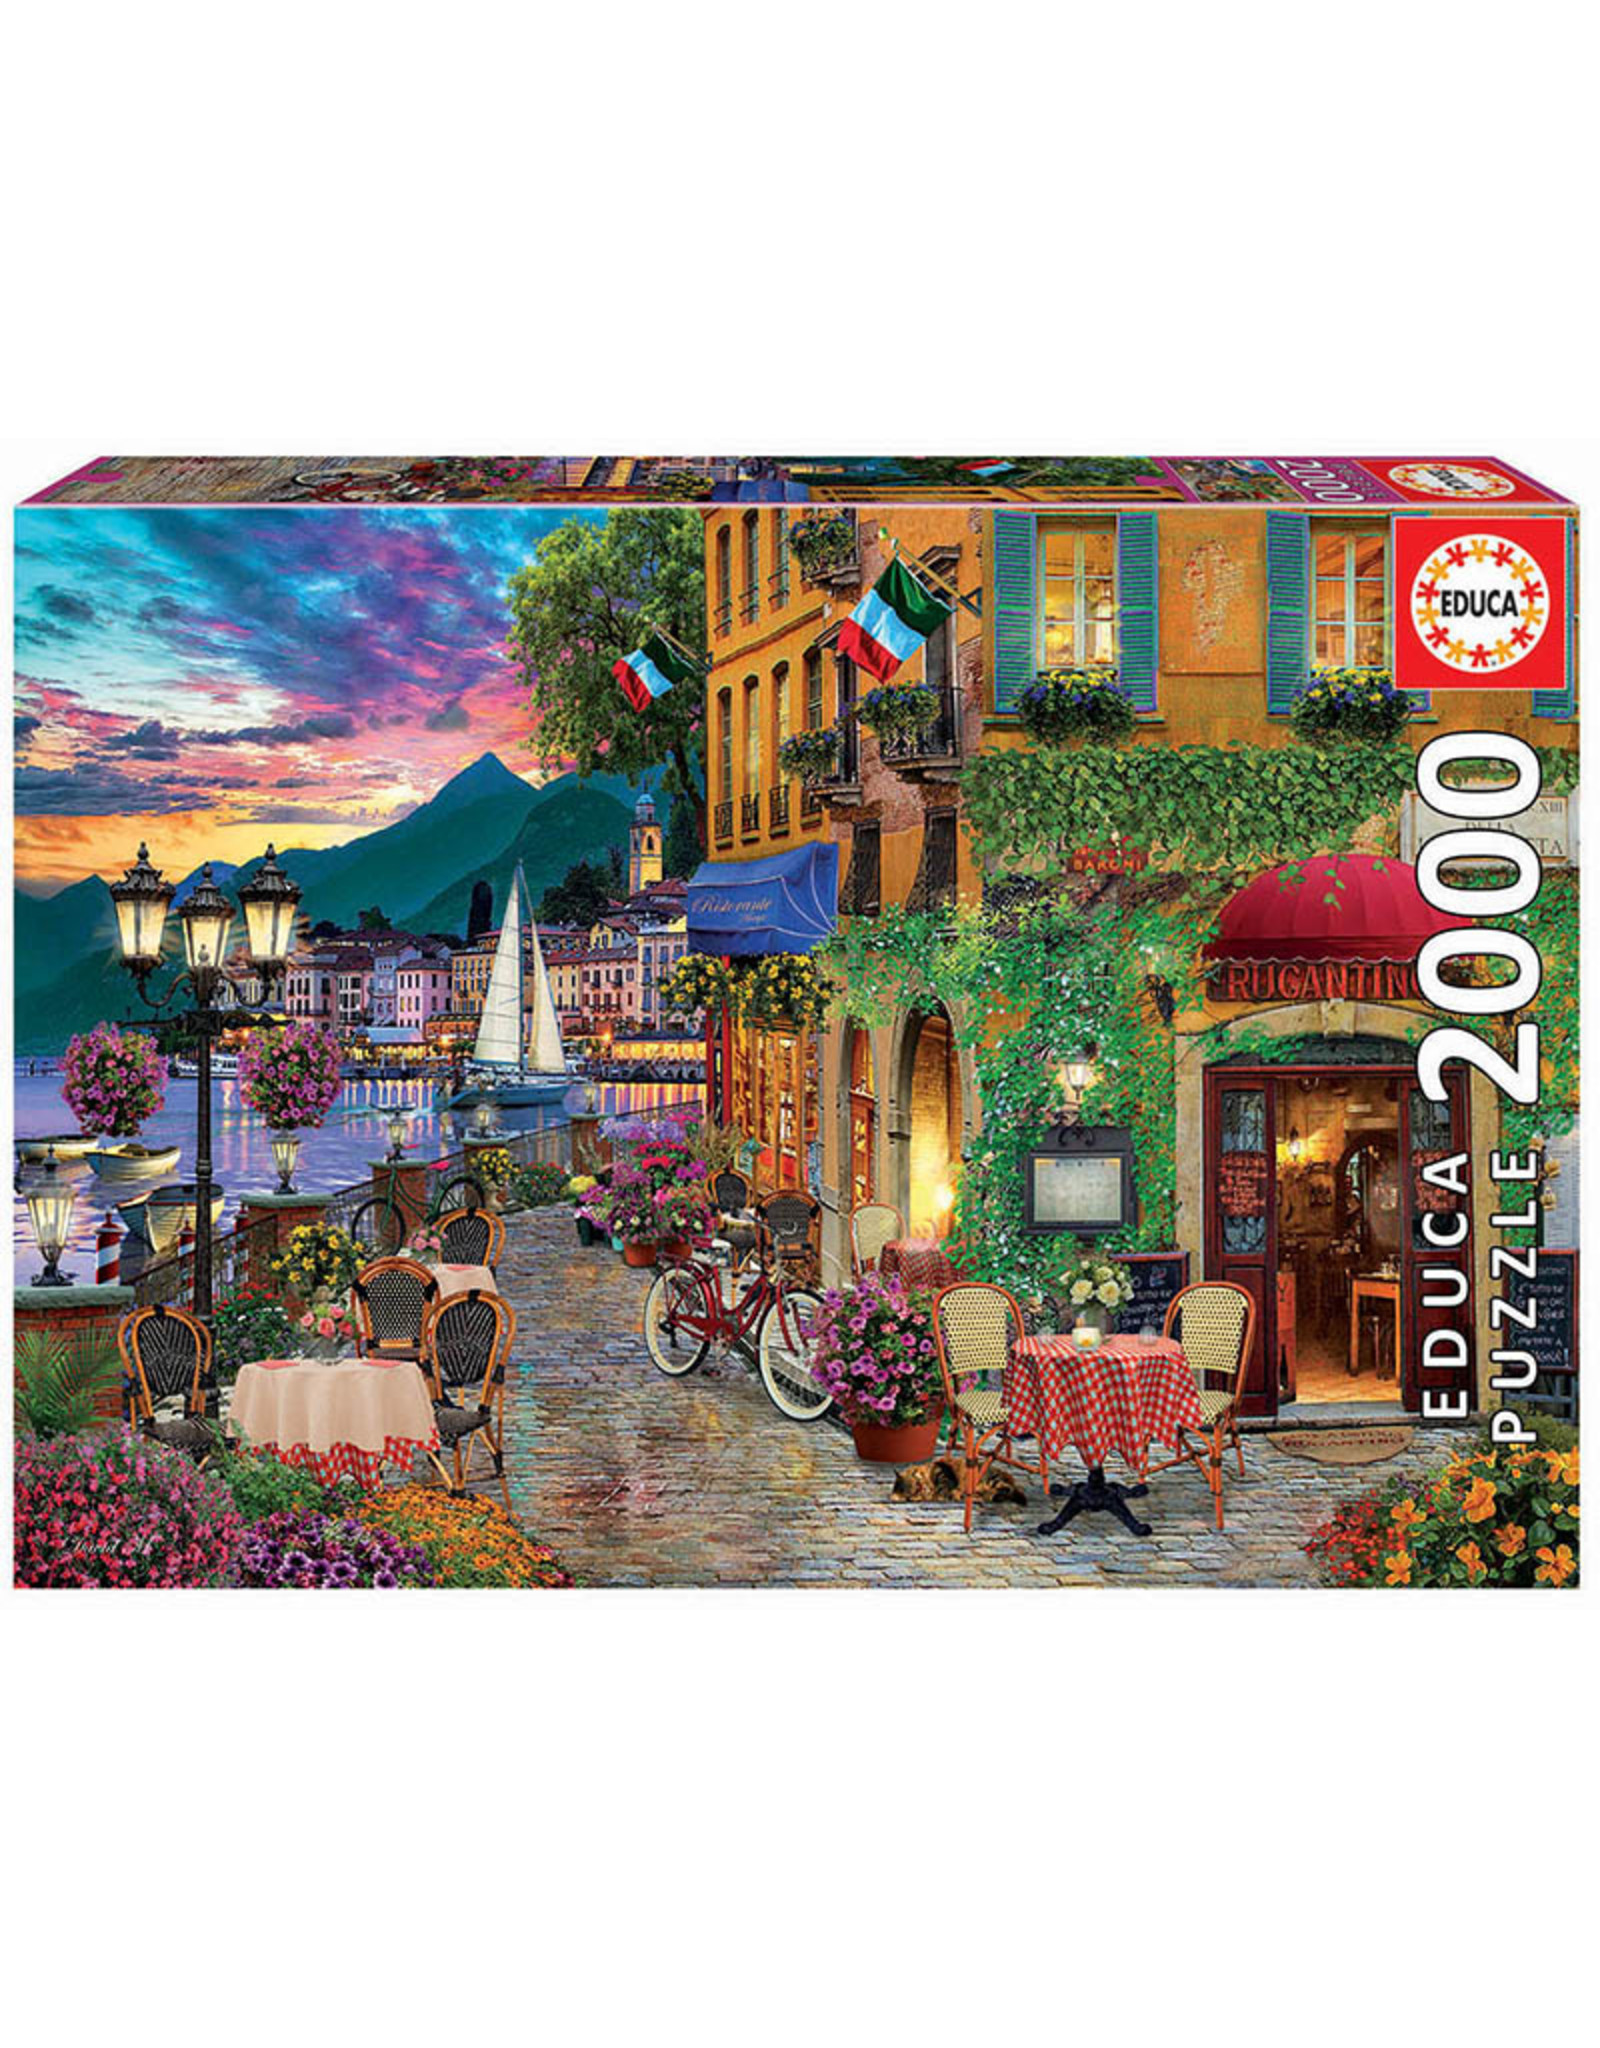 Educa Italian Fascino 2000pc Puzzle